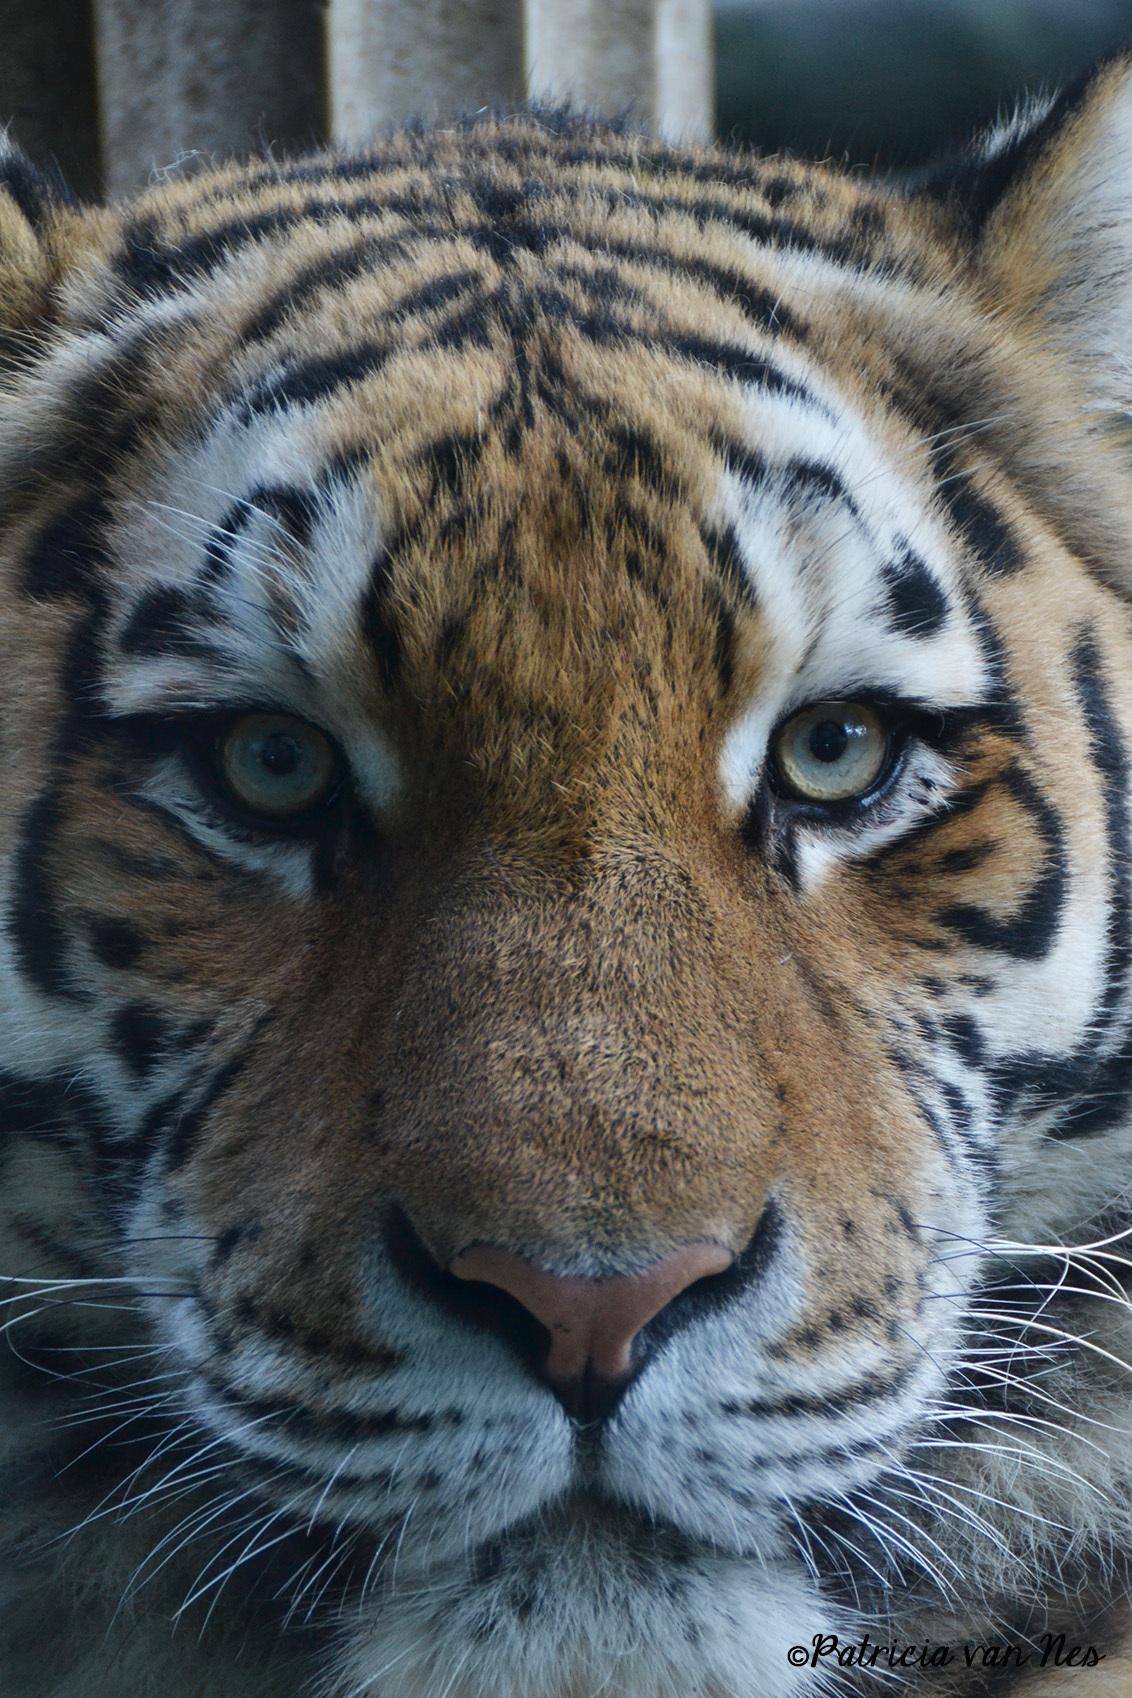 The eye of the tiger... - Deze foto heb ik genomen in dierenpark amersfoort, met het geluk dat de tijger precies voor het raam lag. - foto door PatriciaVNes op 09-01-2013 - deze foto bevat: dierentuin, ogen, tijger